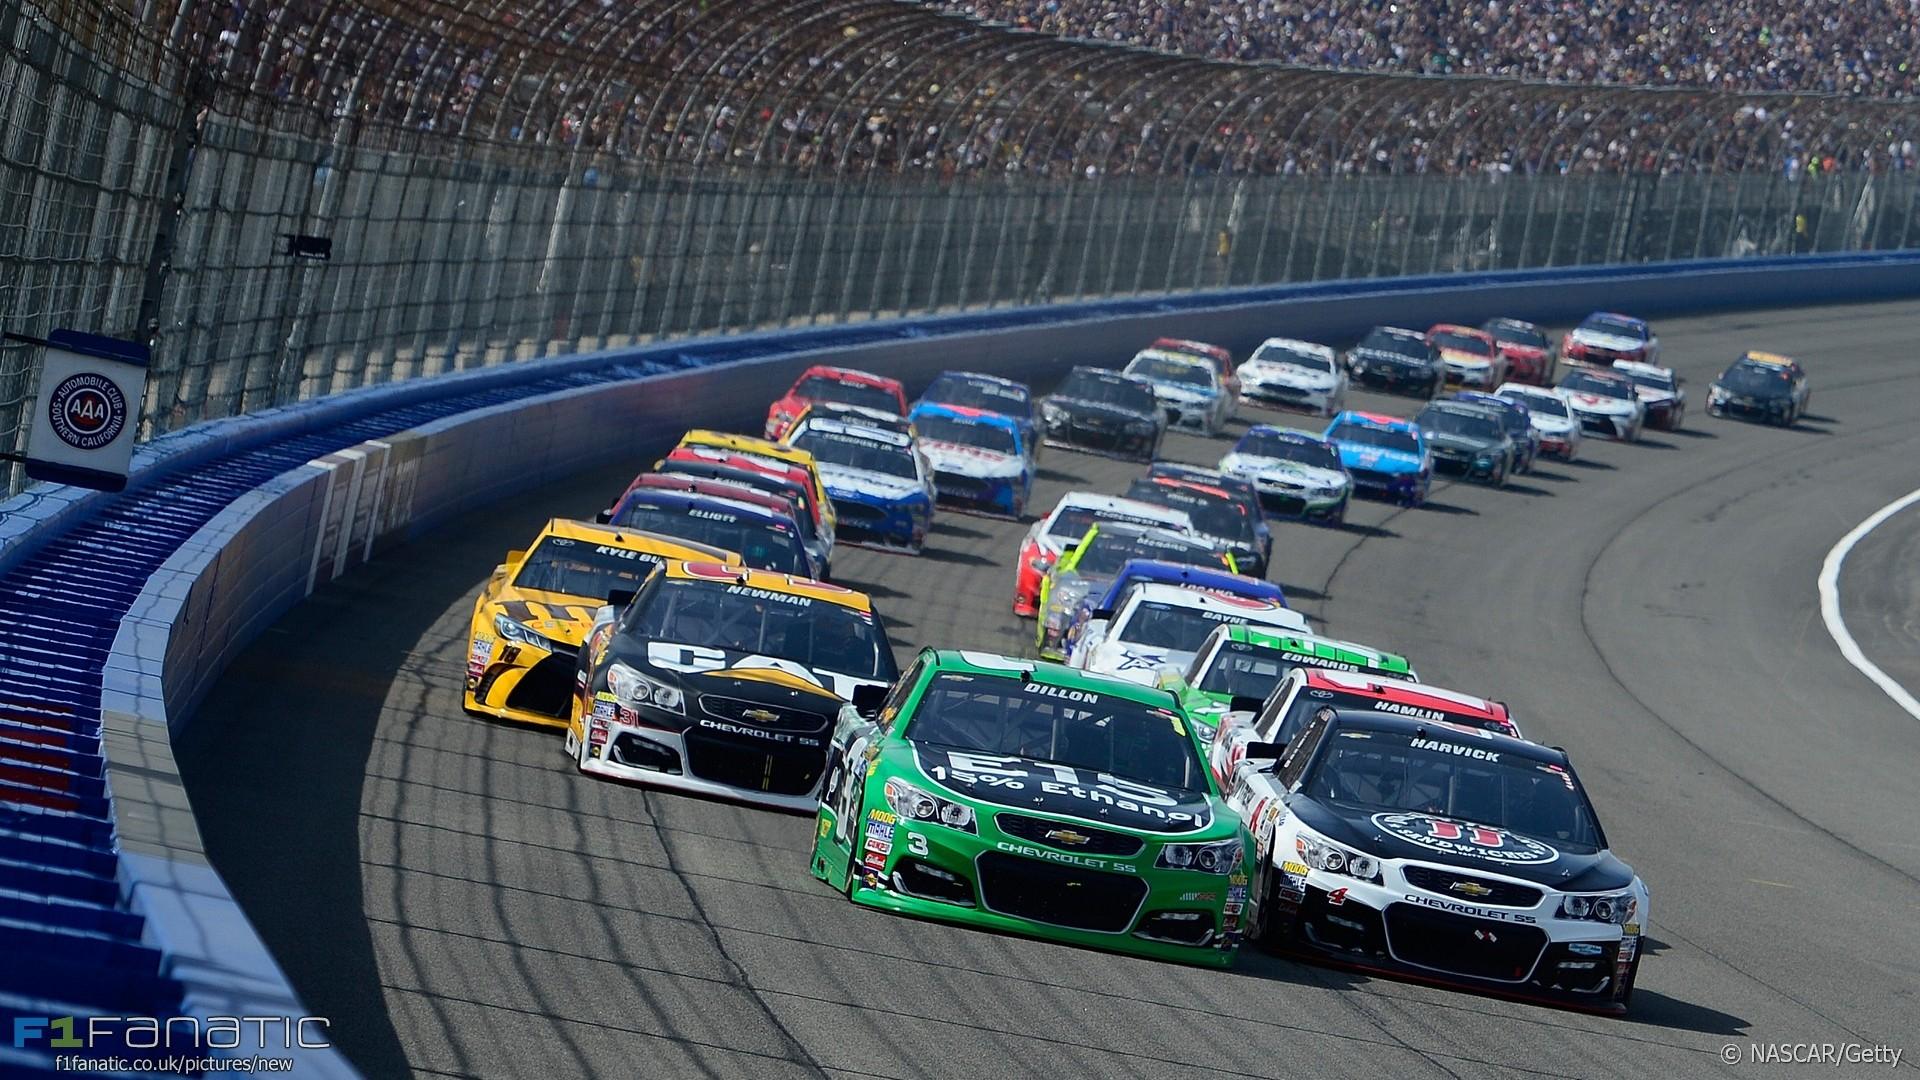 NASCAR, Fontana, 2016